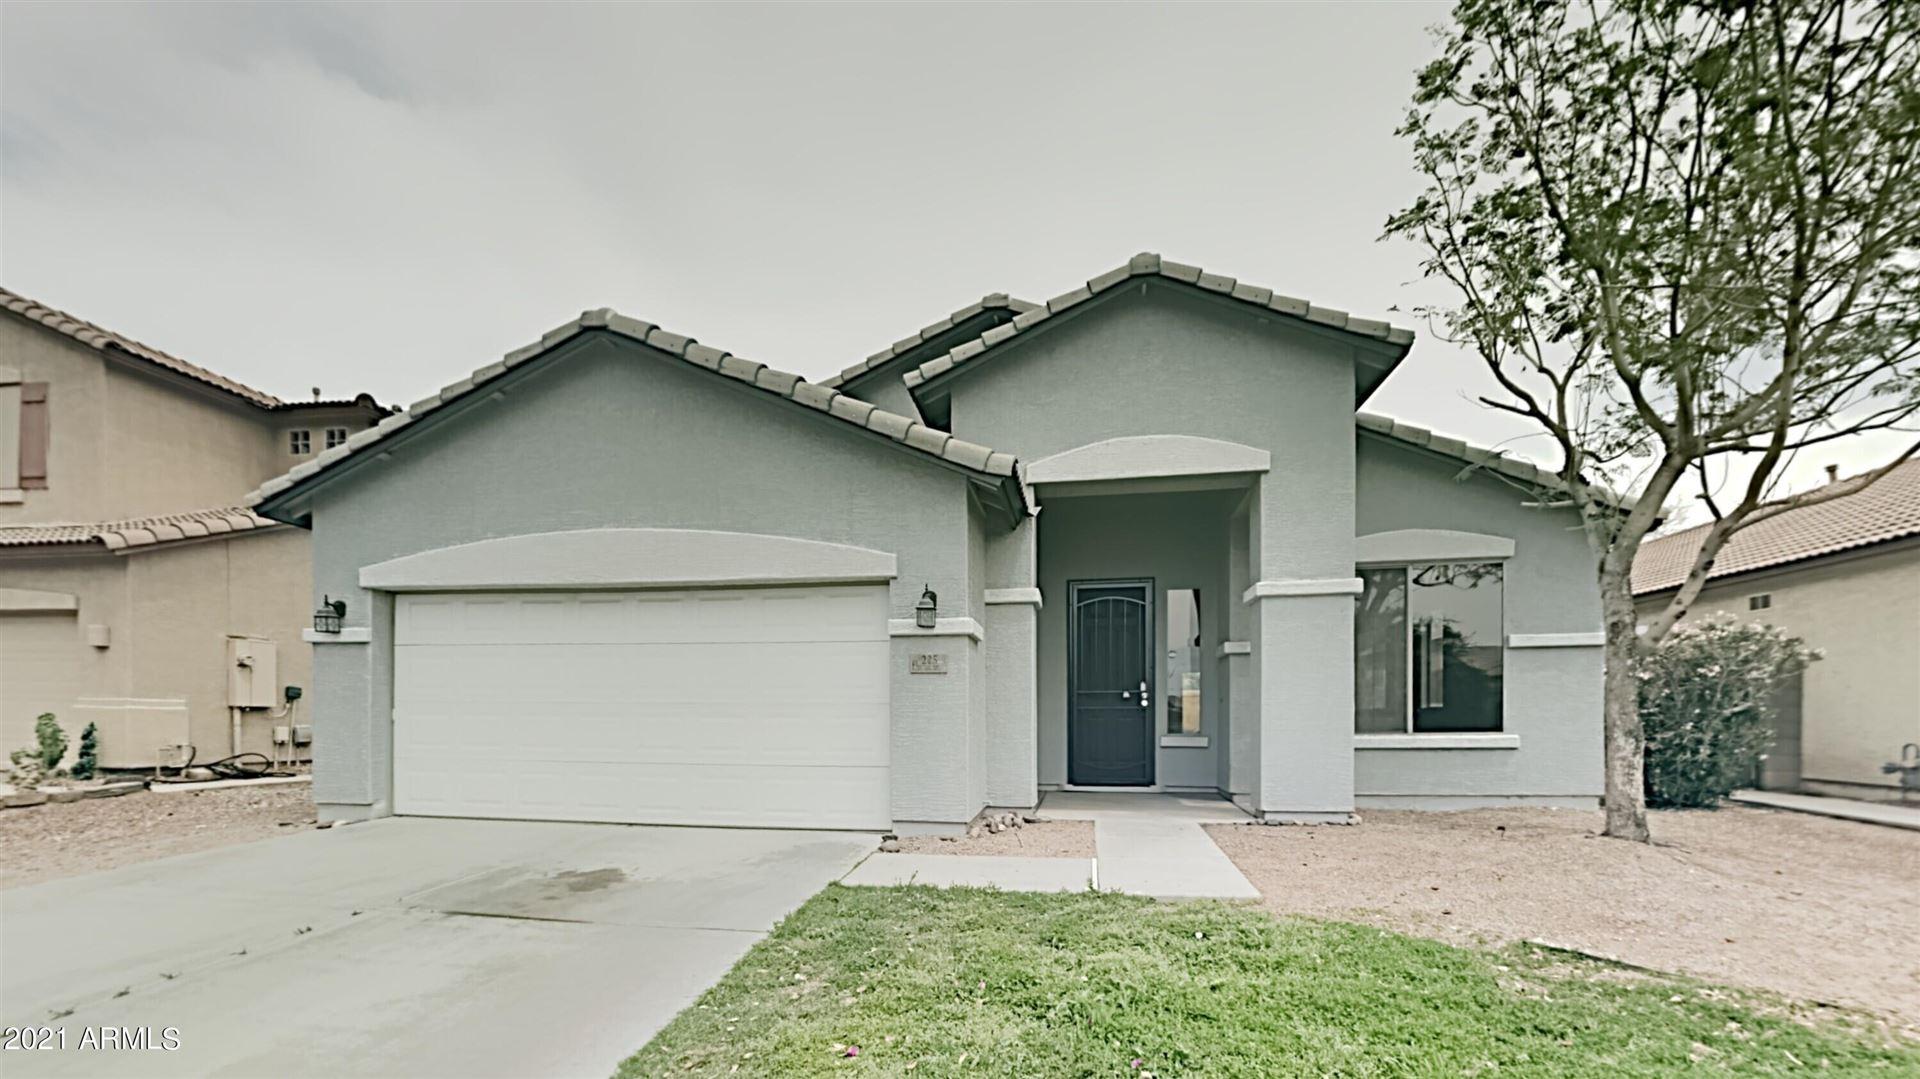 225 S 123RD Drive, Avondale, AZ 85323 - MLS#: 6223178